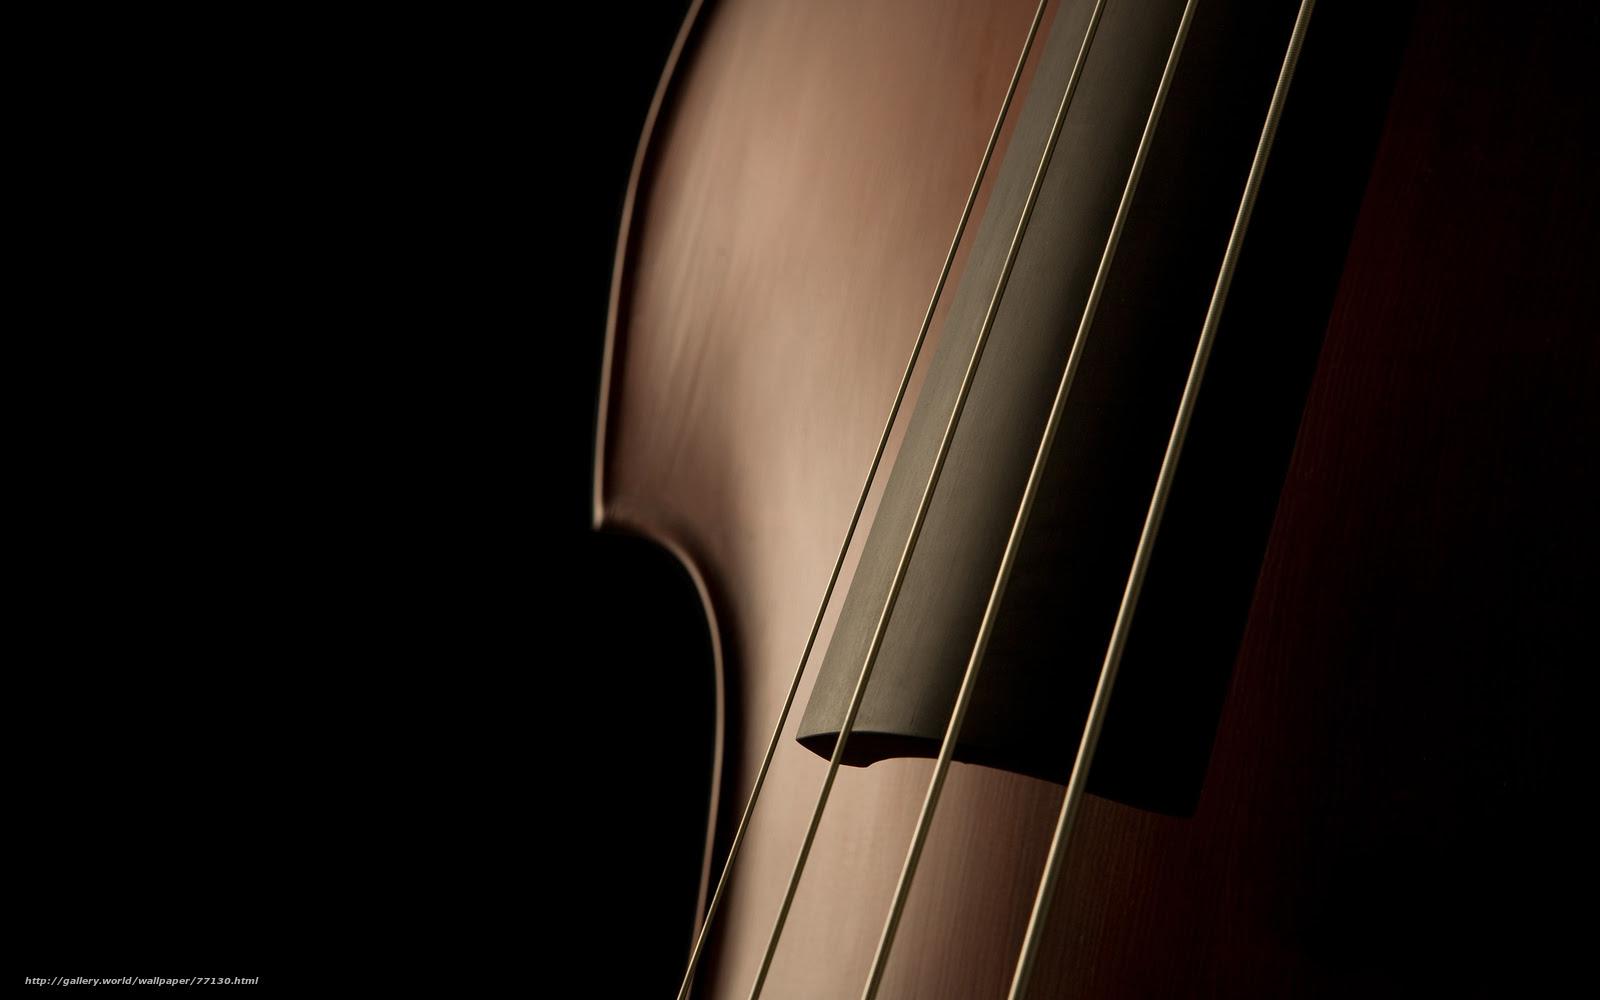 壁紙をダウンロード クローズアップの写真 楽器 音楽 壁紙